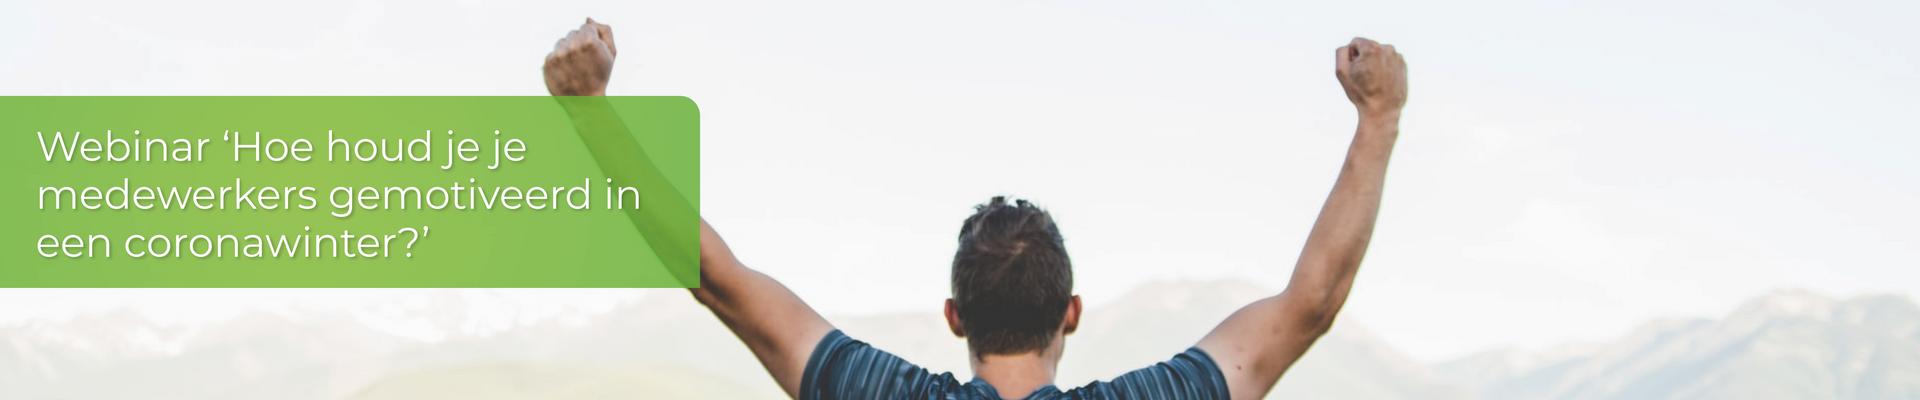 Webinar 'Hoe houd je je medewerkers gemotiveerd in een coronawinter'